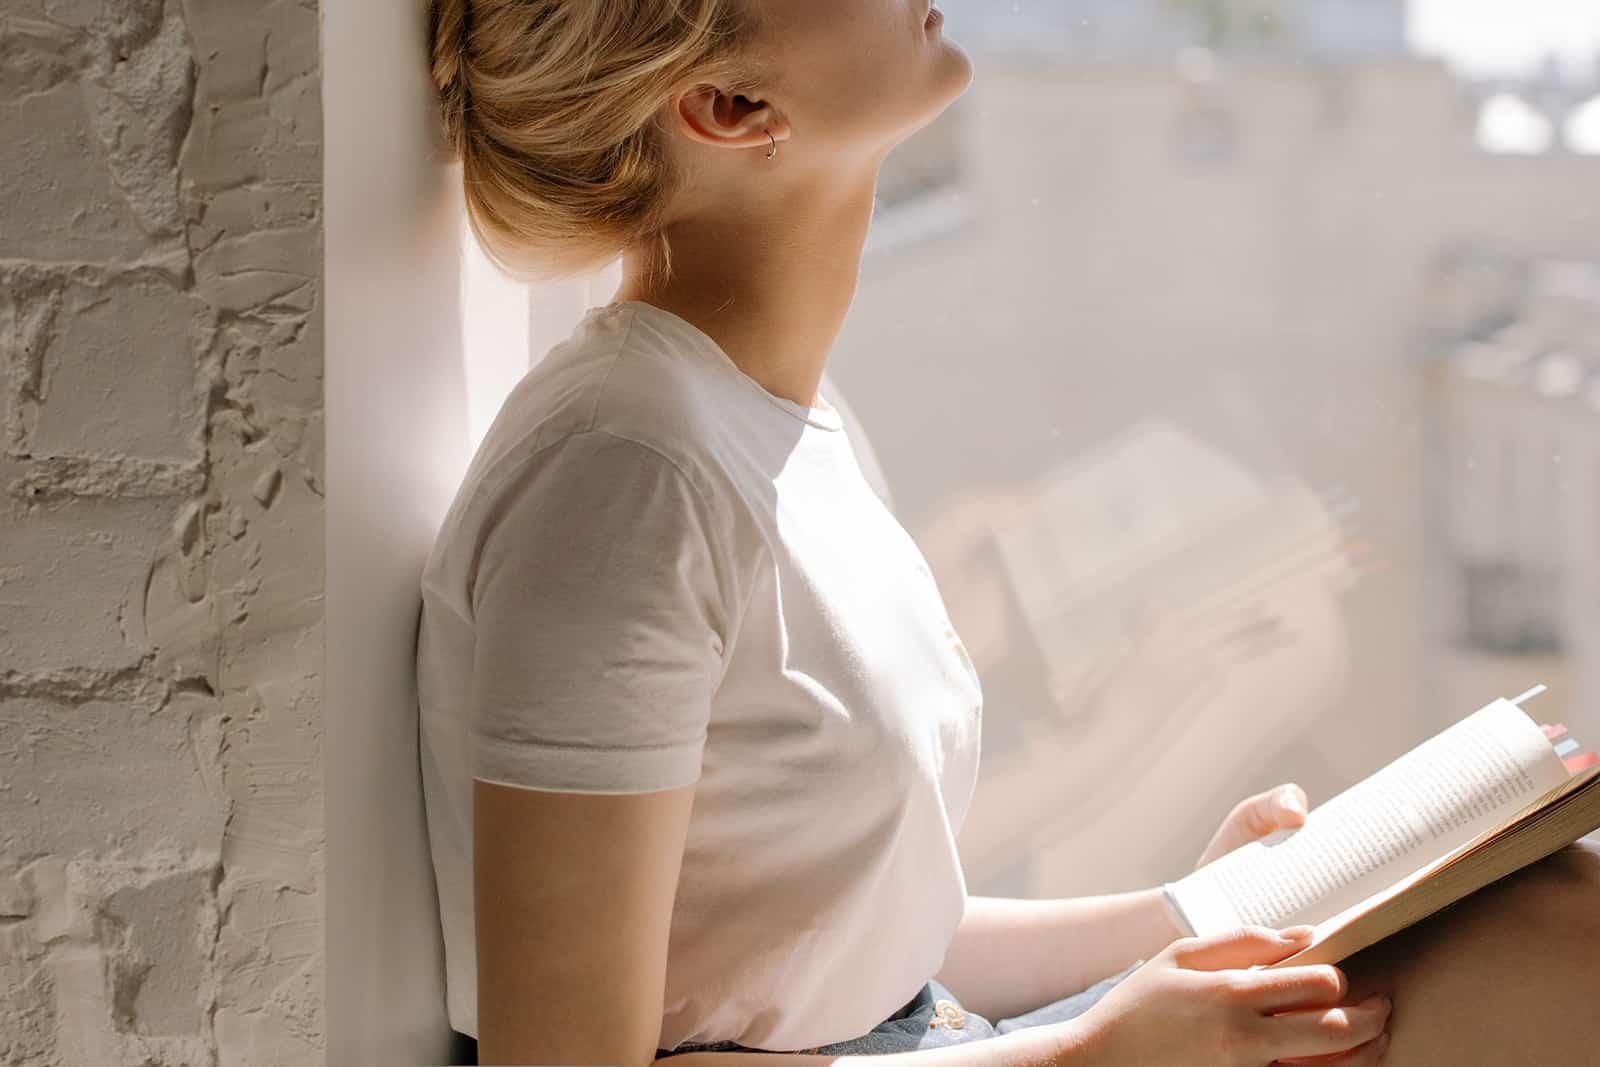 Eine Frau mit einem Buch auf dem Fensterbrett sitzen